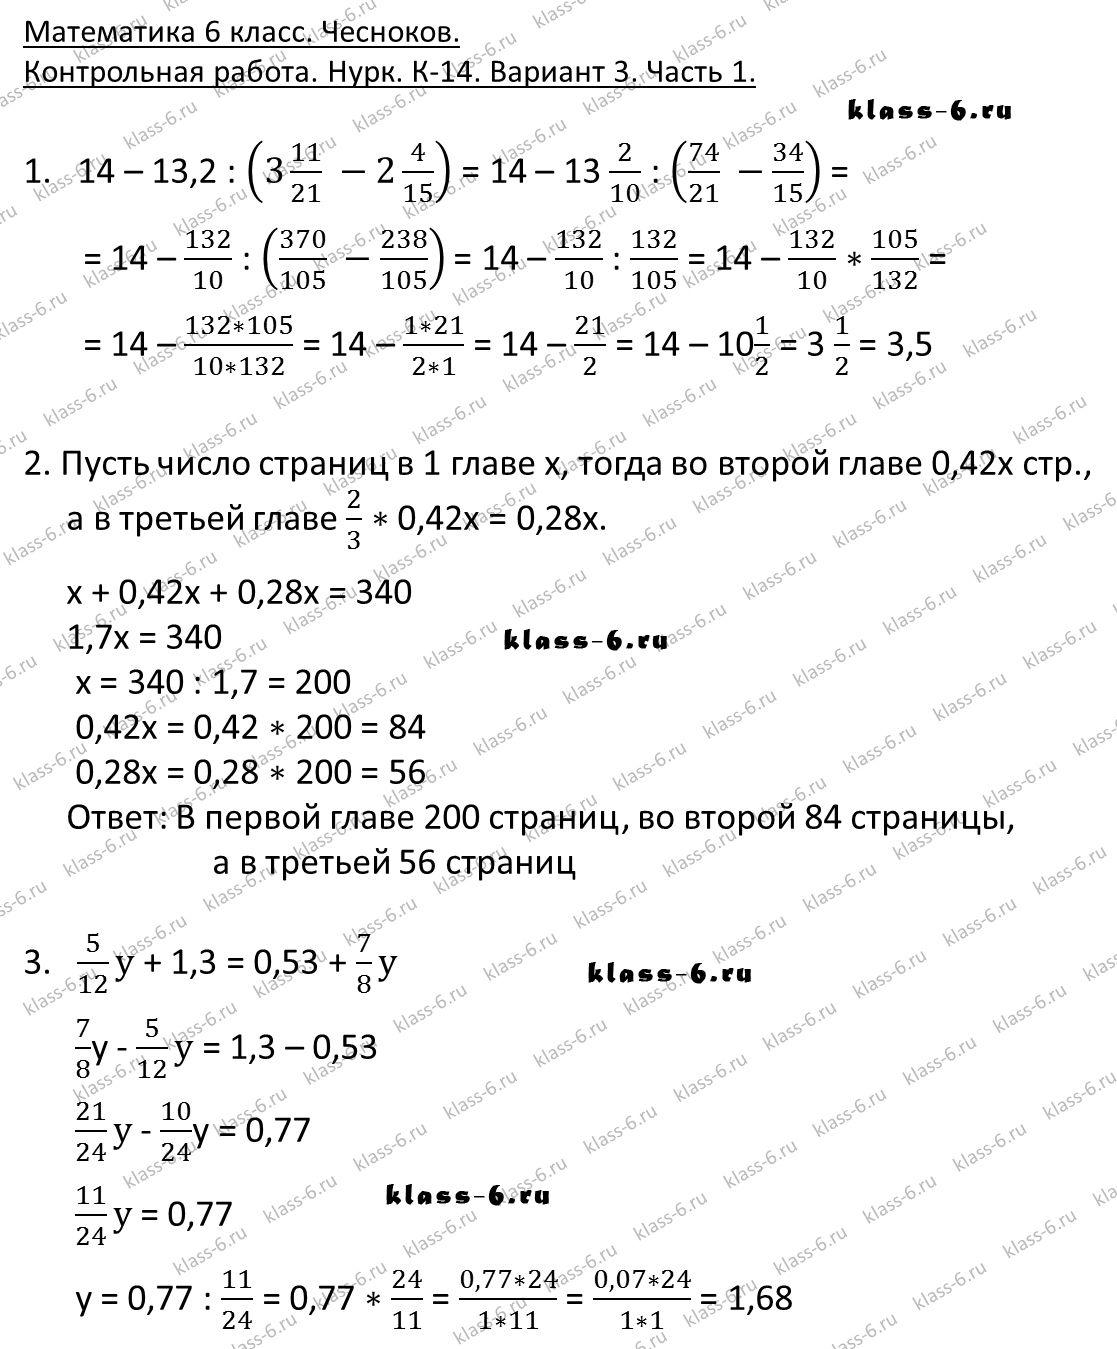 Контрольная работа по математике 6 класс виленкин номер